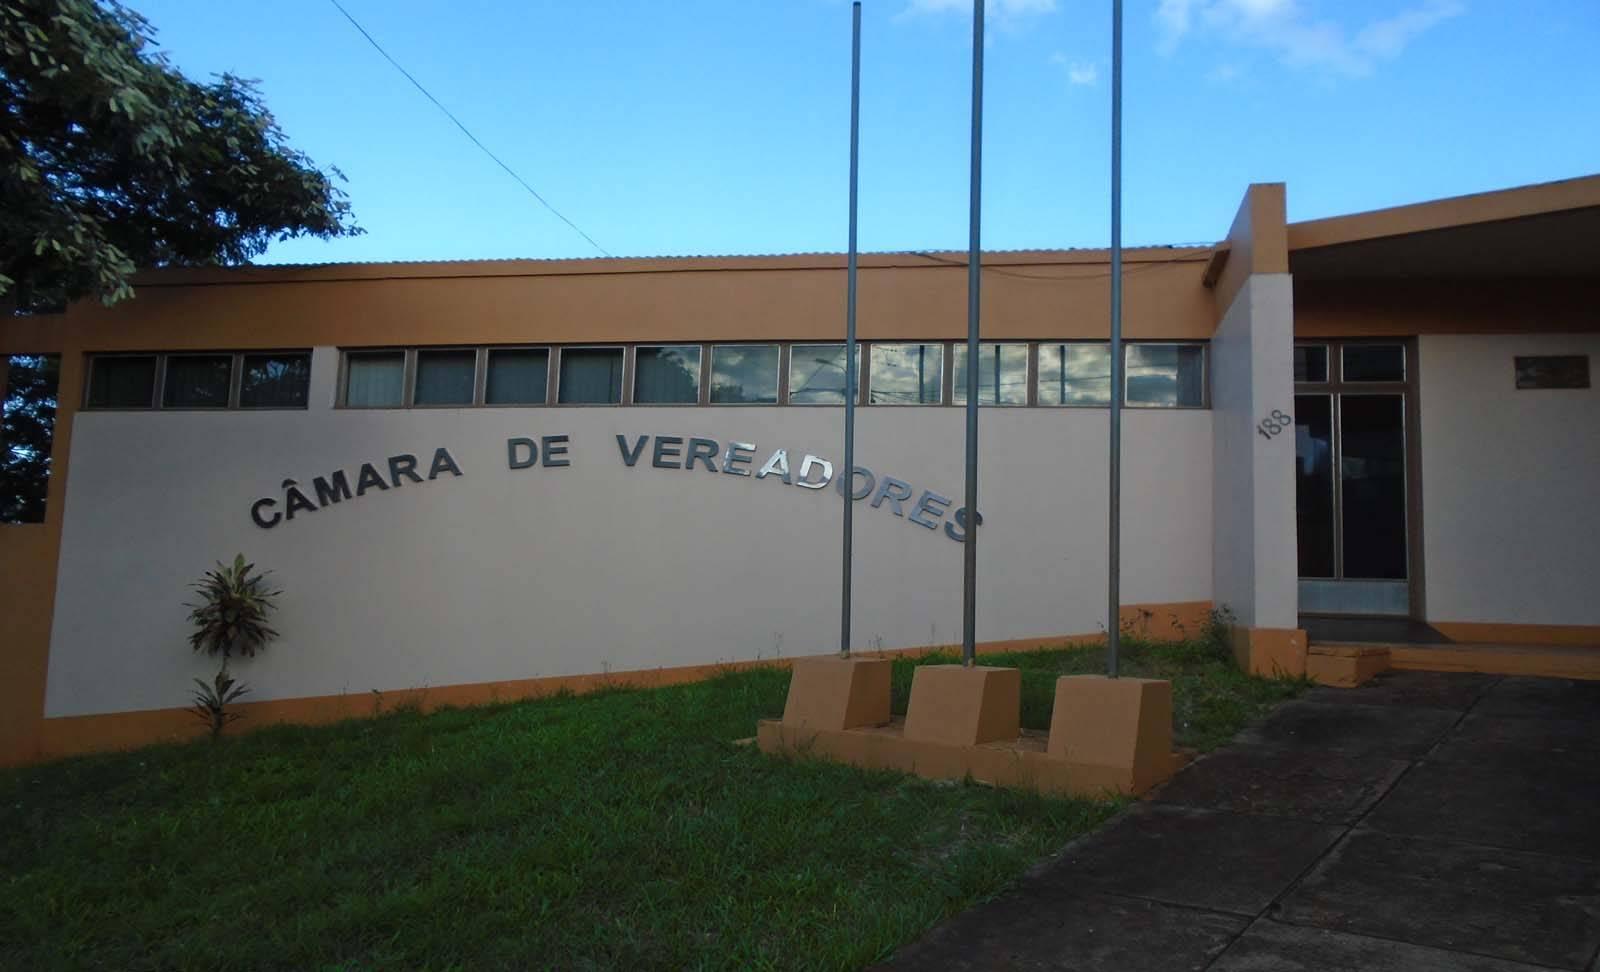 Bossoroca: câmara de vereadores vai homenagear cidadãos com títulos hoje